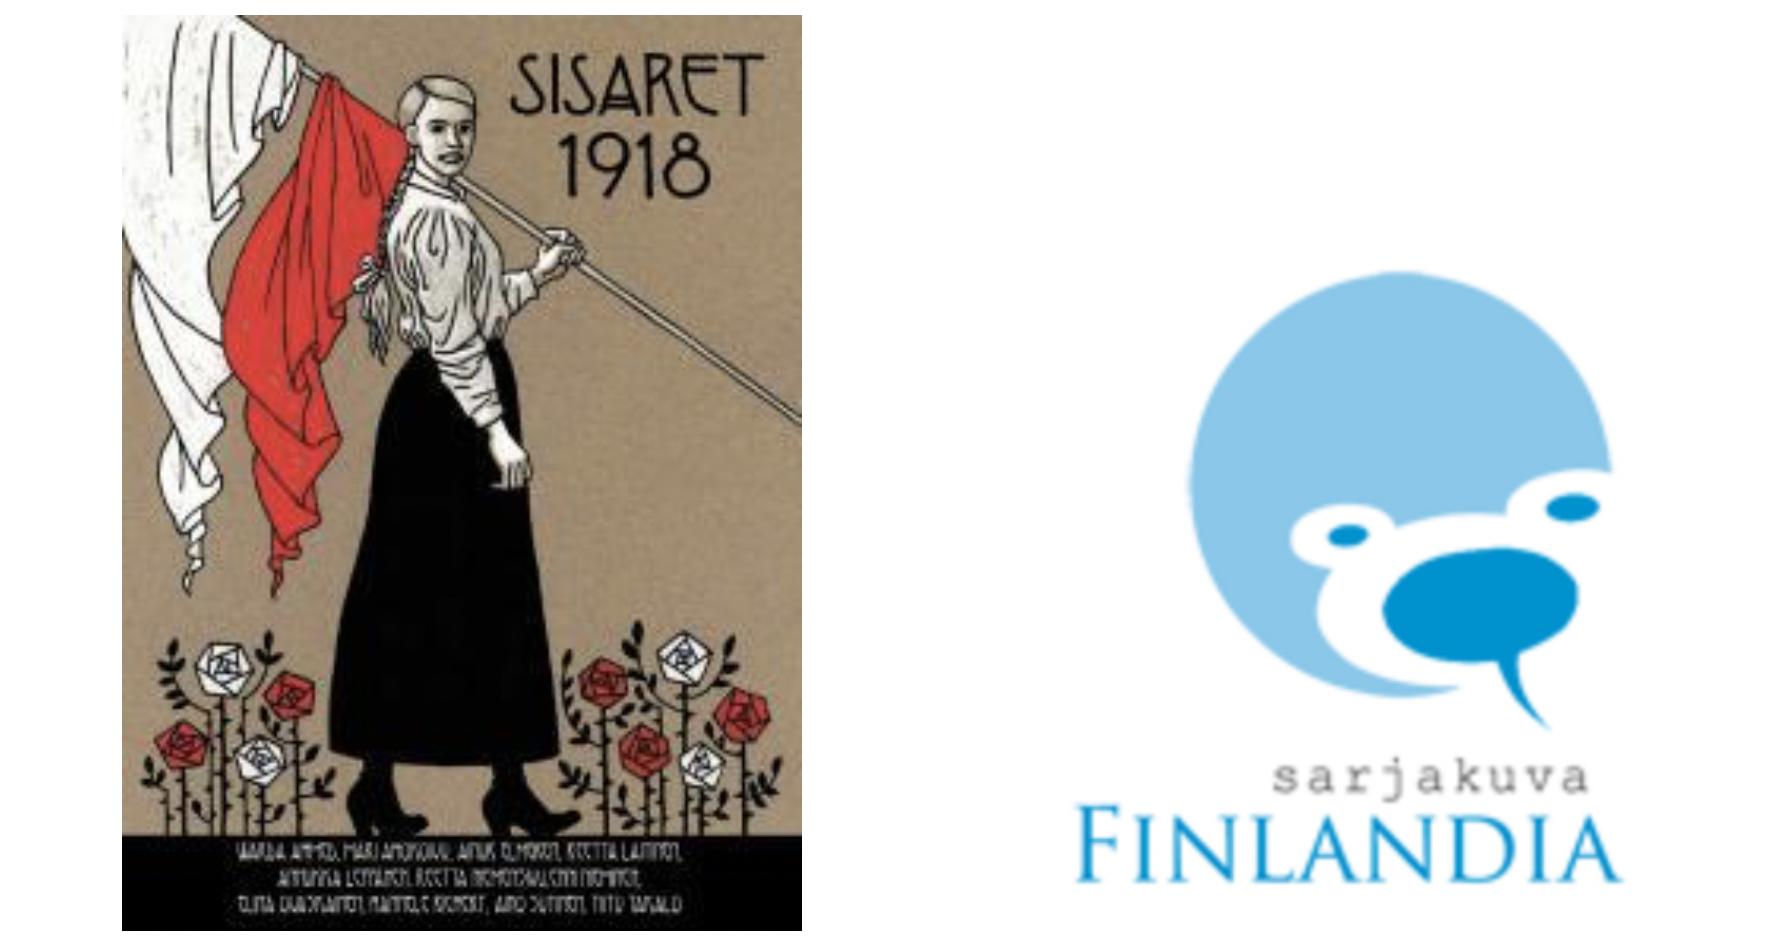 Sisaret 1918 -kansikuva ja Sarjakuva-Finlandian logo